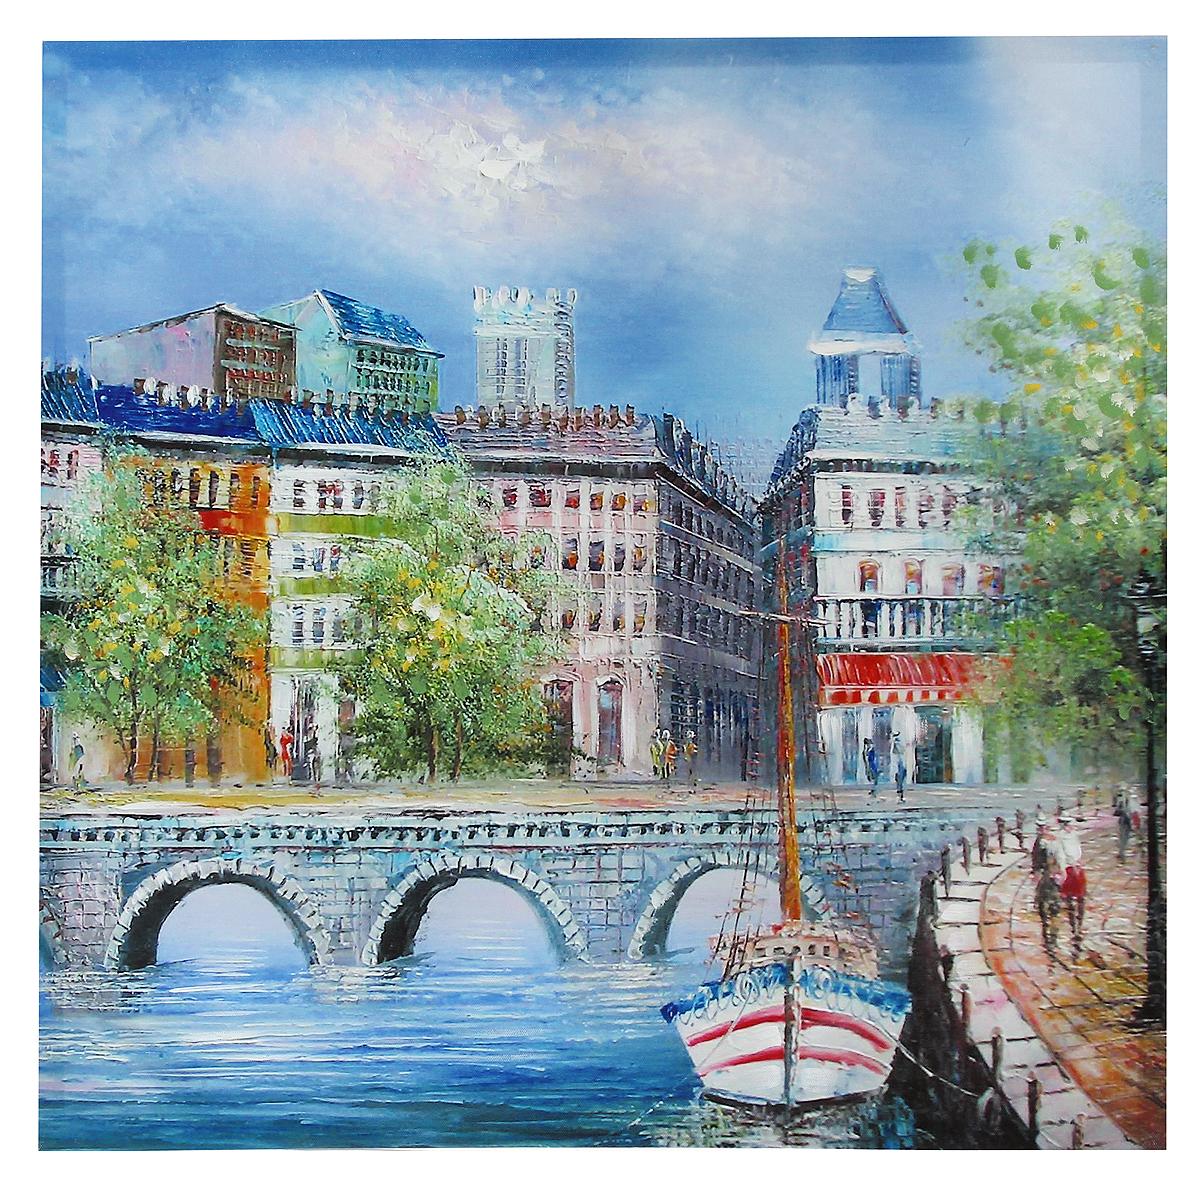 Картина-репродукция на холсте Мост, без рамки, 60 см х 60 см. 3602131x40 OZ095-504011Картина-репродукция Мост, выполненная на деревянном подрамнике и холсте масляной печатью с ручной подрисовкой, дополнит интерьер любого помещения, а также может стать изысканным подарком для ваших друзей и близких. На картине изображен мост через реку. Благодаря оригинальному дизайну картина может использоваться для оформления любых интерьеров: гостиной, спальни, кухни, прихожей, детской или офиса. Изделие оснащено отверстием для подвешивания на стену. Такая картина - вдохновляющее декоративное решение, привносящее в интерьер нотки творчества и изысканности!